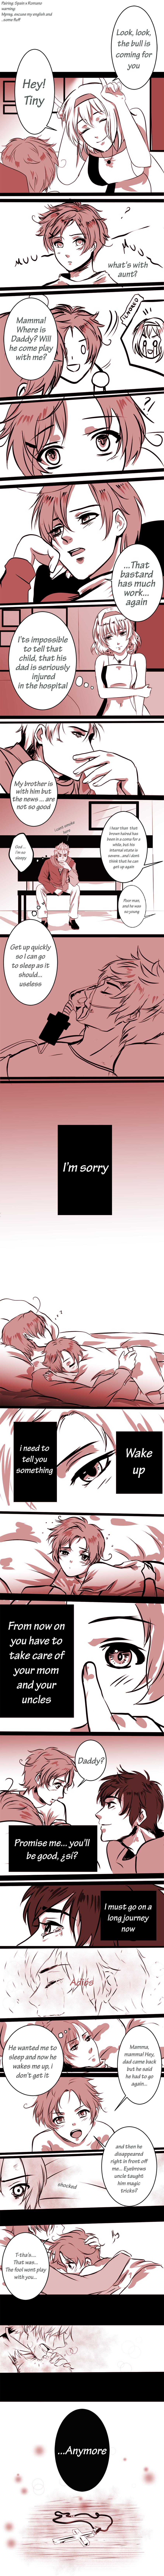 Mpreg - Pregnant - Zerochan Anime Image Board